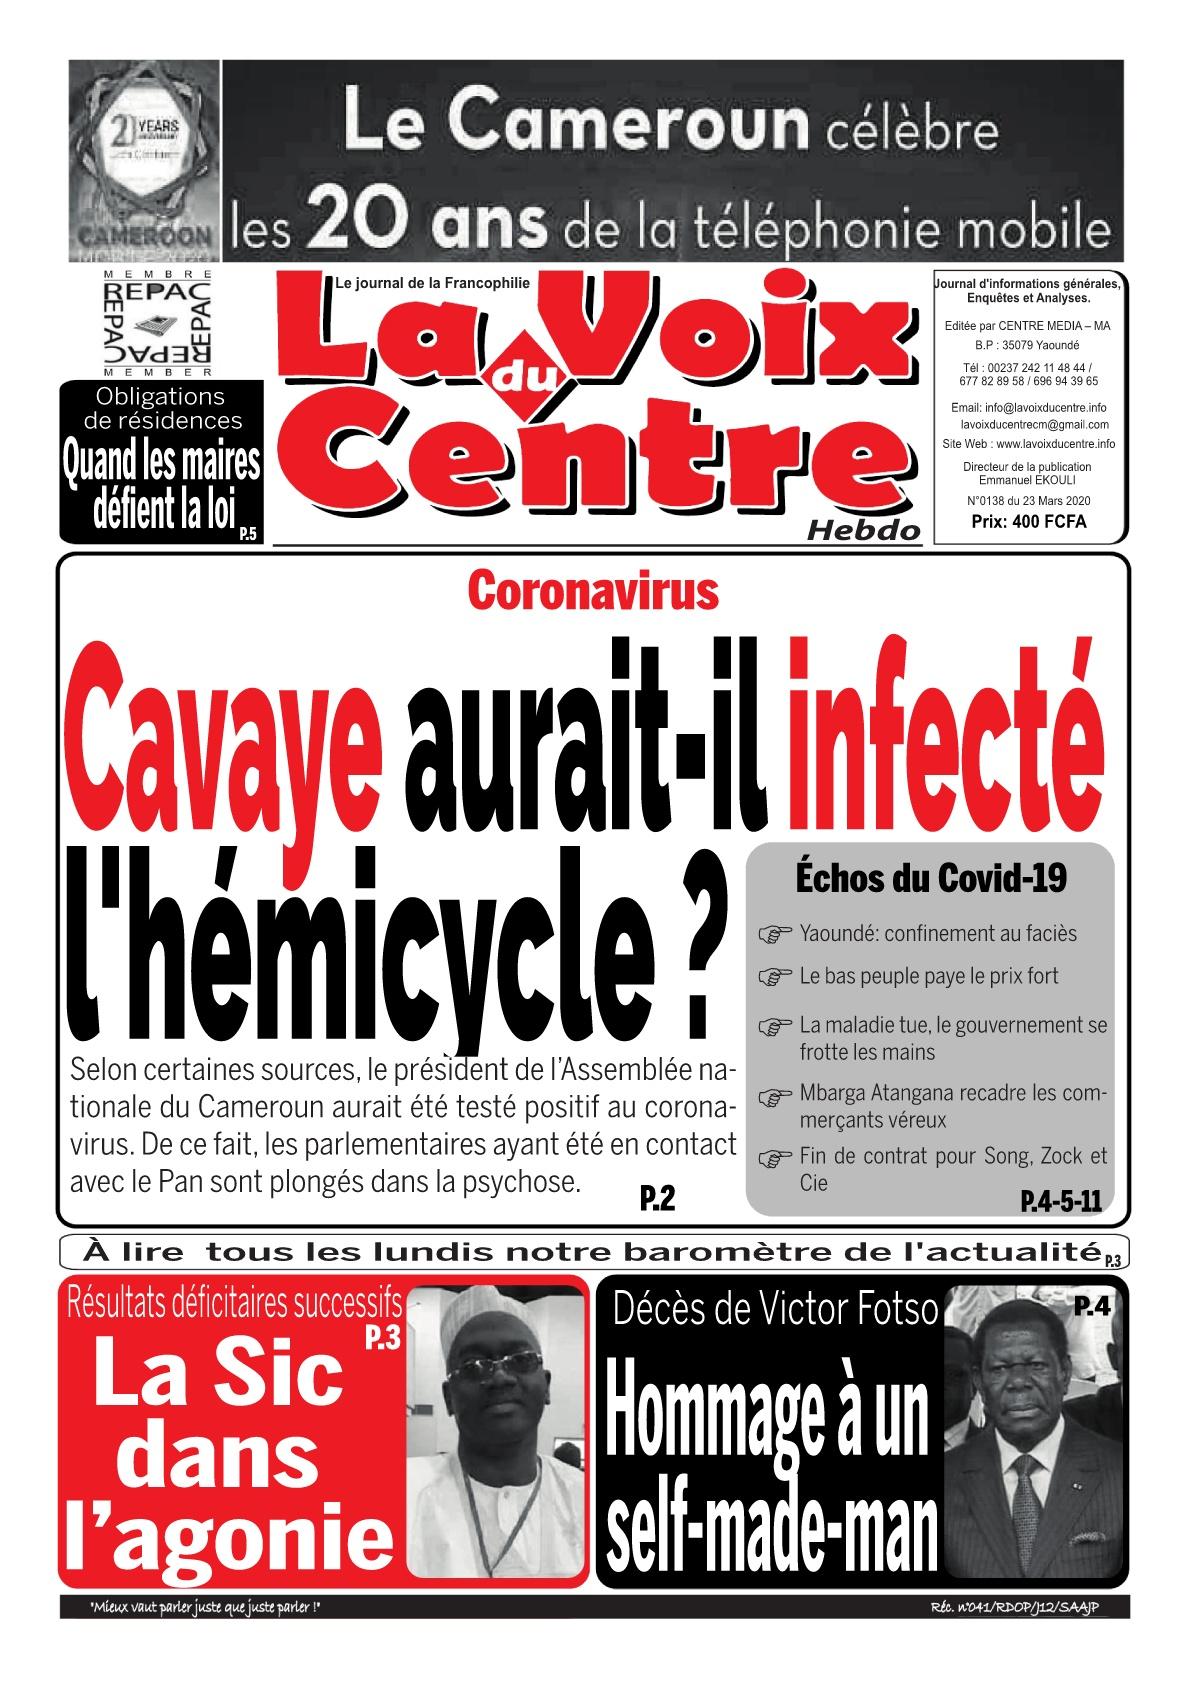 LA VOIX DU CENTRE - 23/03/2020